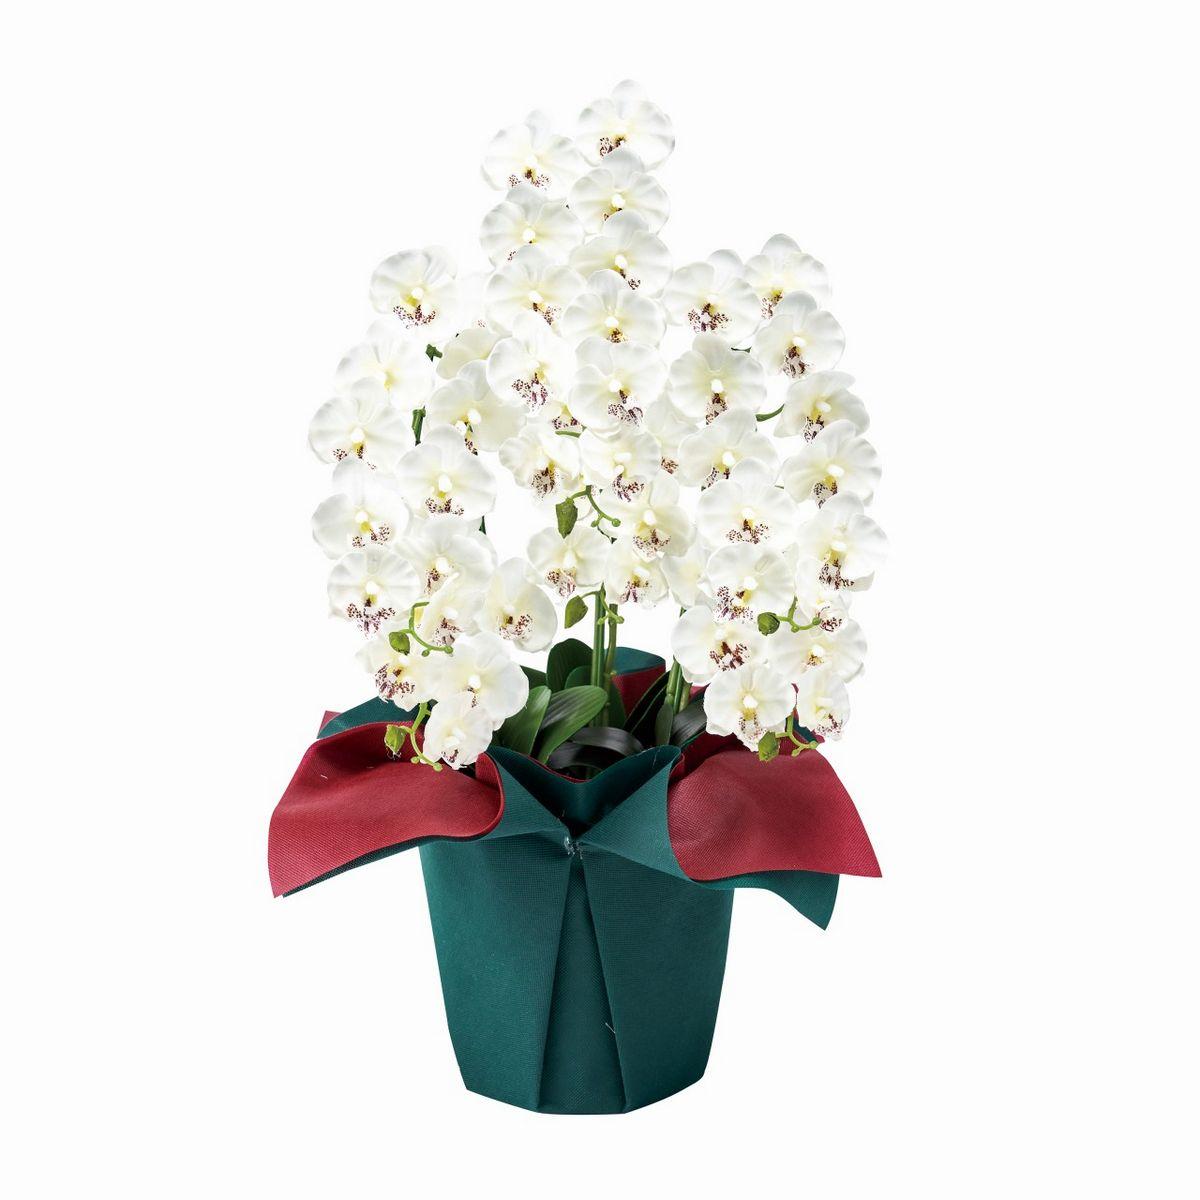 【人工観葉植物】ピュアオーキッド 6本立て 光触媒/ZV008060【01】【取寄】